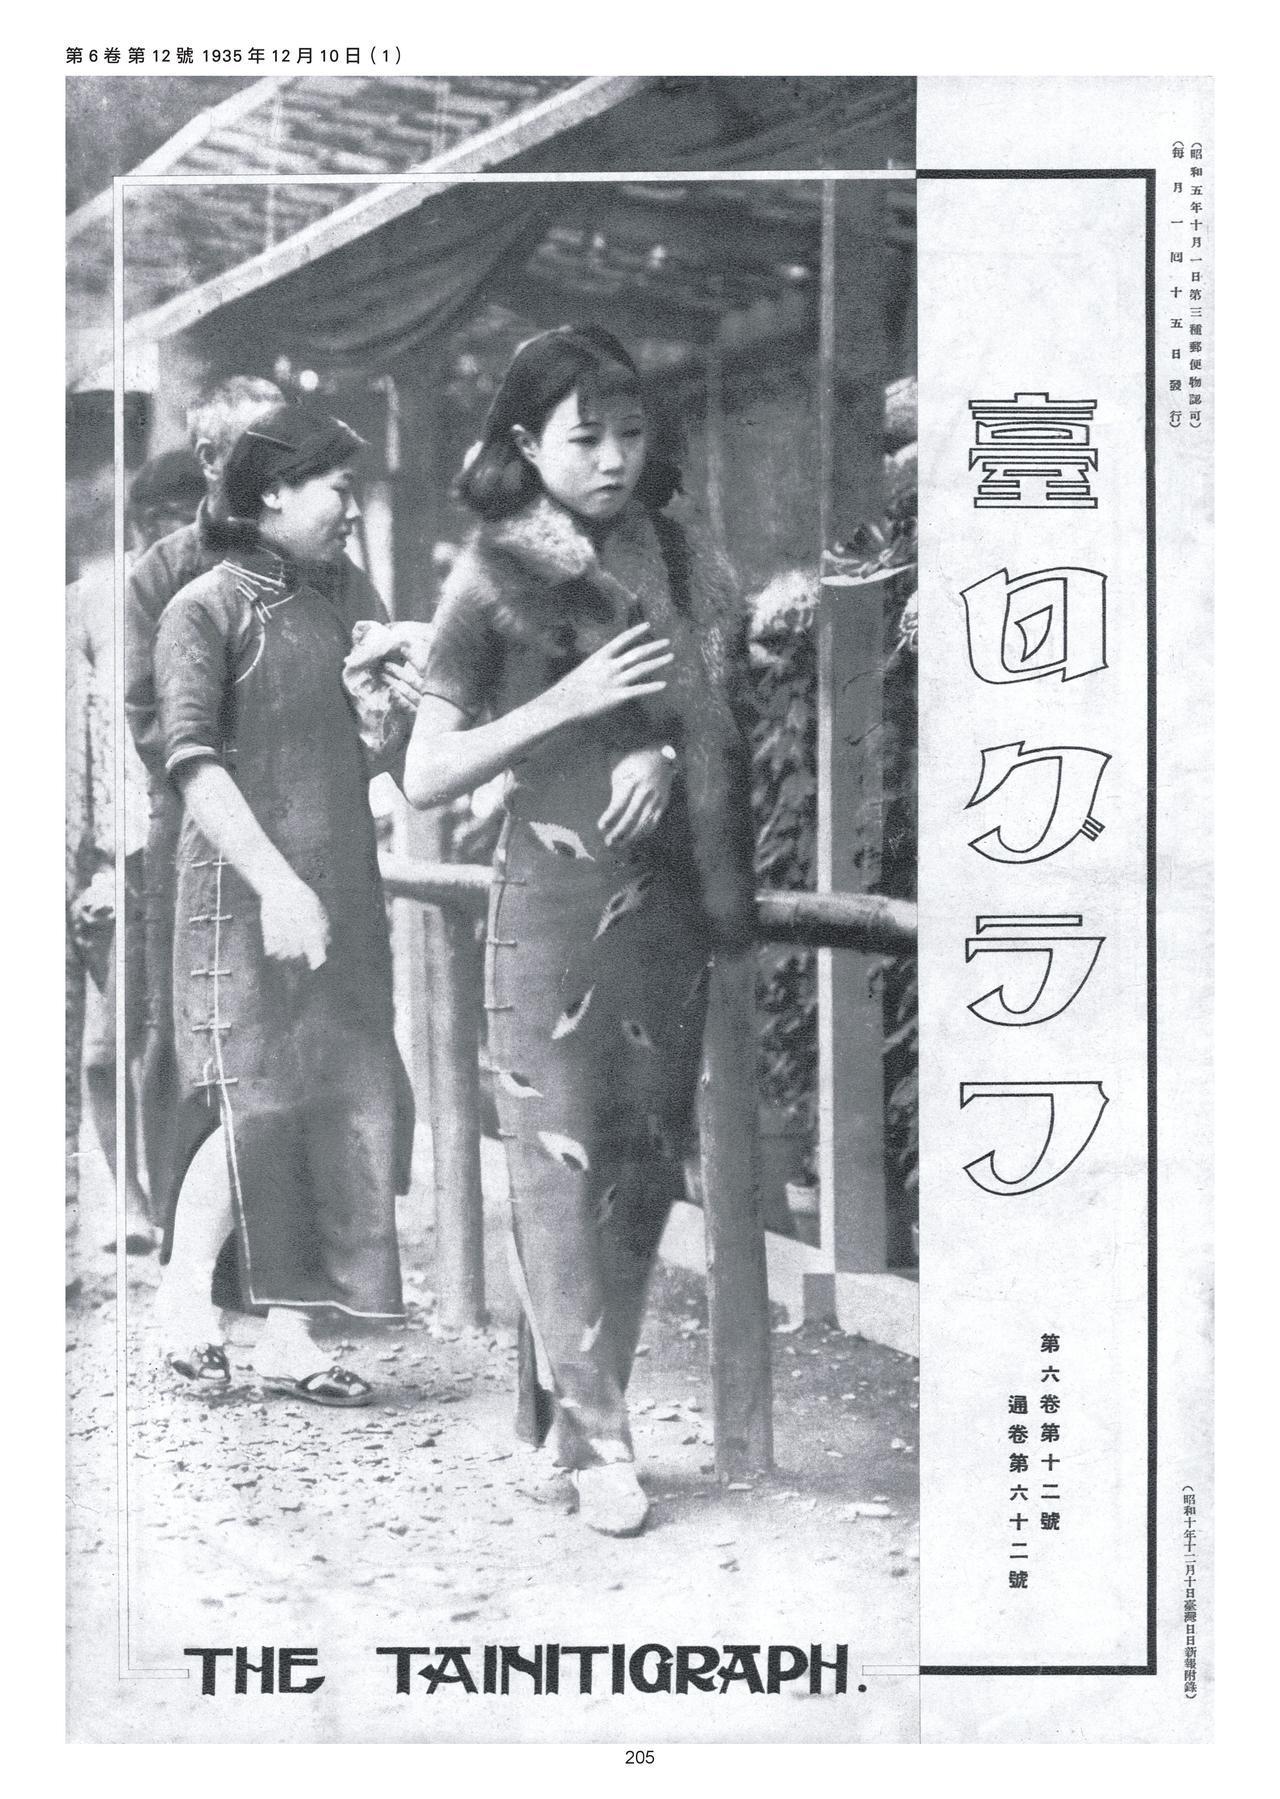 1935年12月,《臺日畫報》第6卷第12號